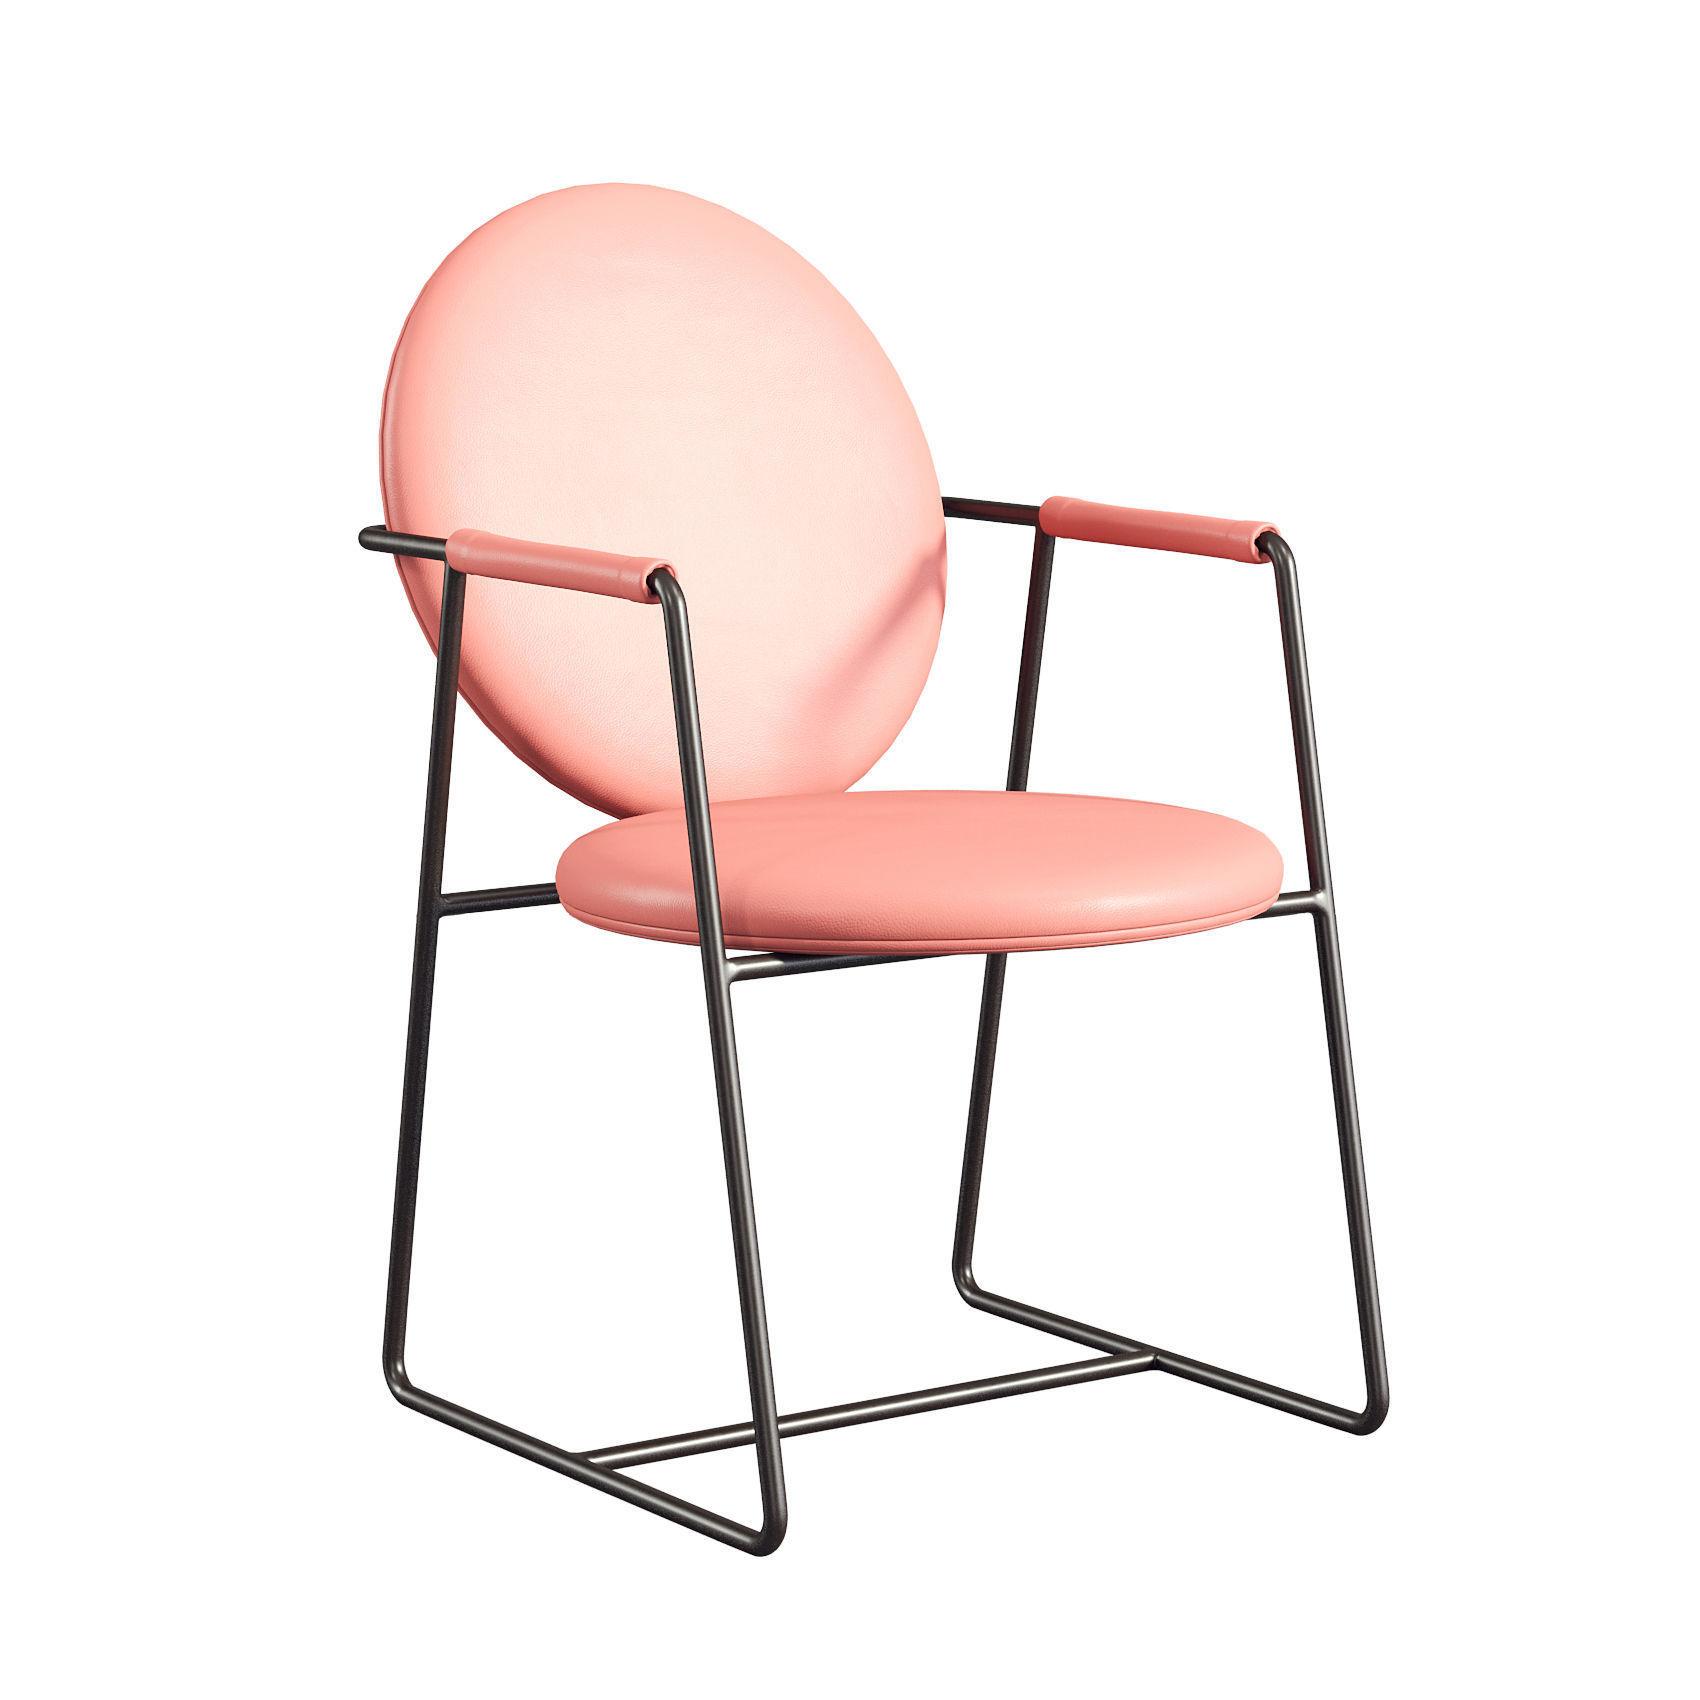 Chair 075